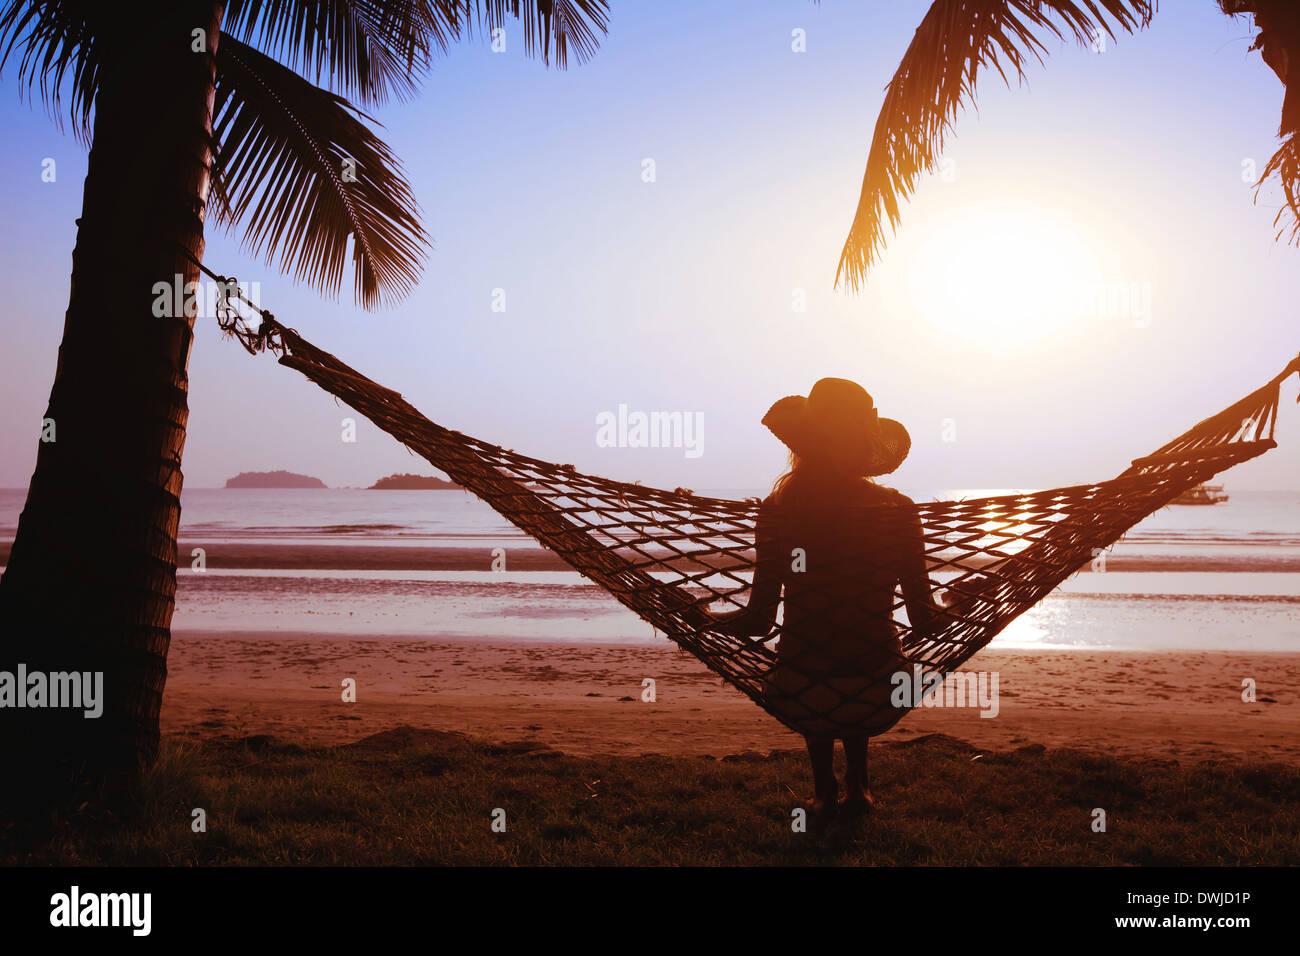 Relaxing in hammock au coucher du soleil sur le Paradise beach Photo Stock